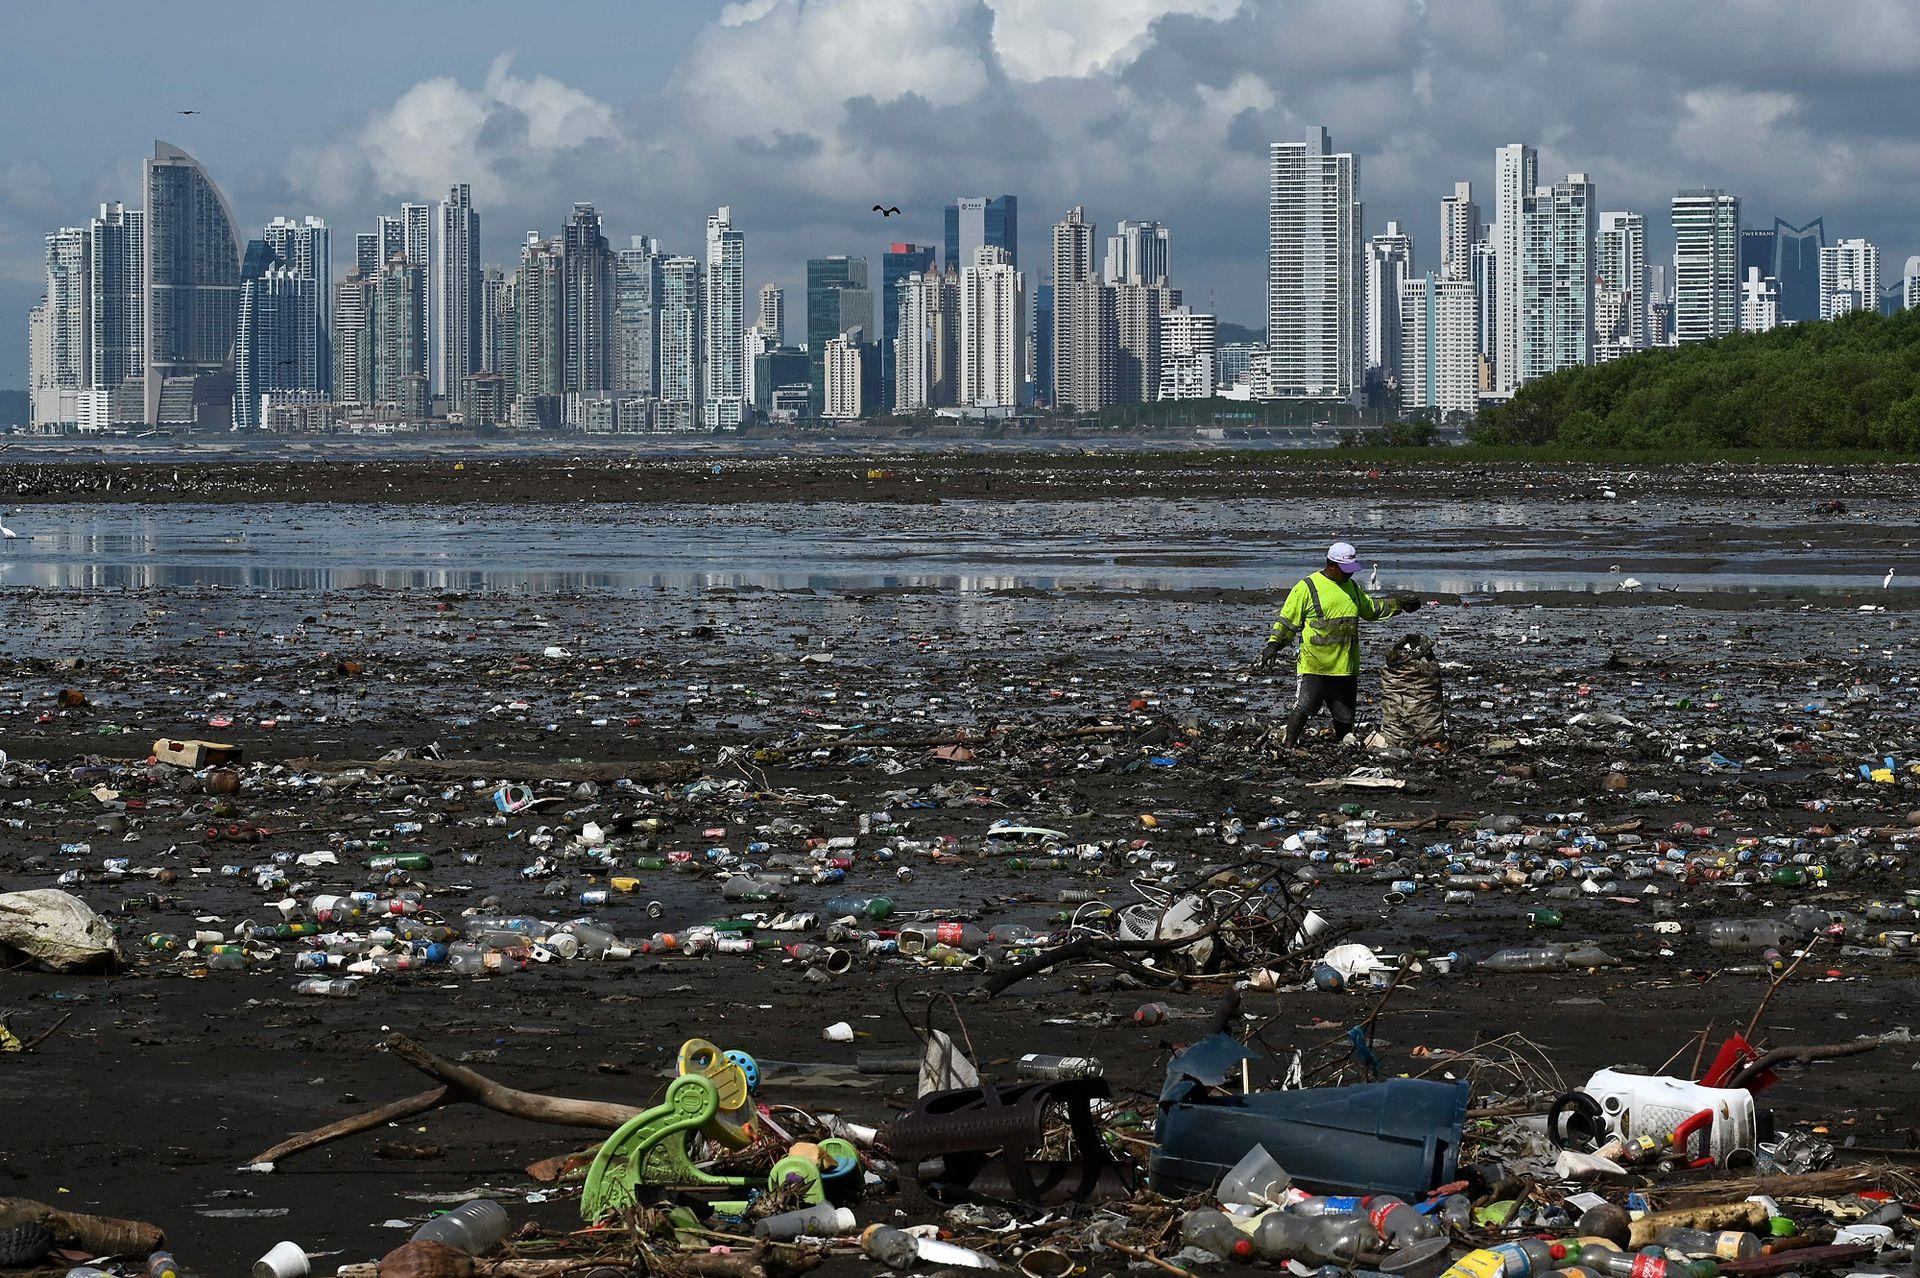 El Día de la Tierra tiene sus inicios teóricos desde la década de los años '60s cuando se empezaron a escuchar las primeras pequeñas manifestaciones sobre los problemas ambientales